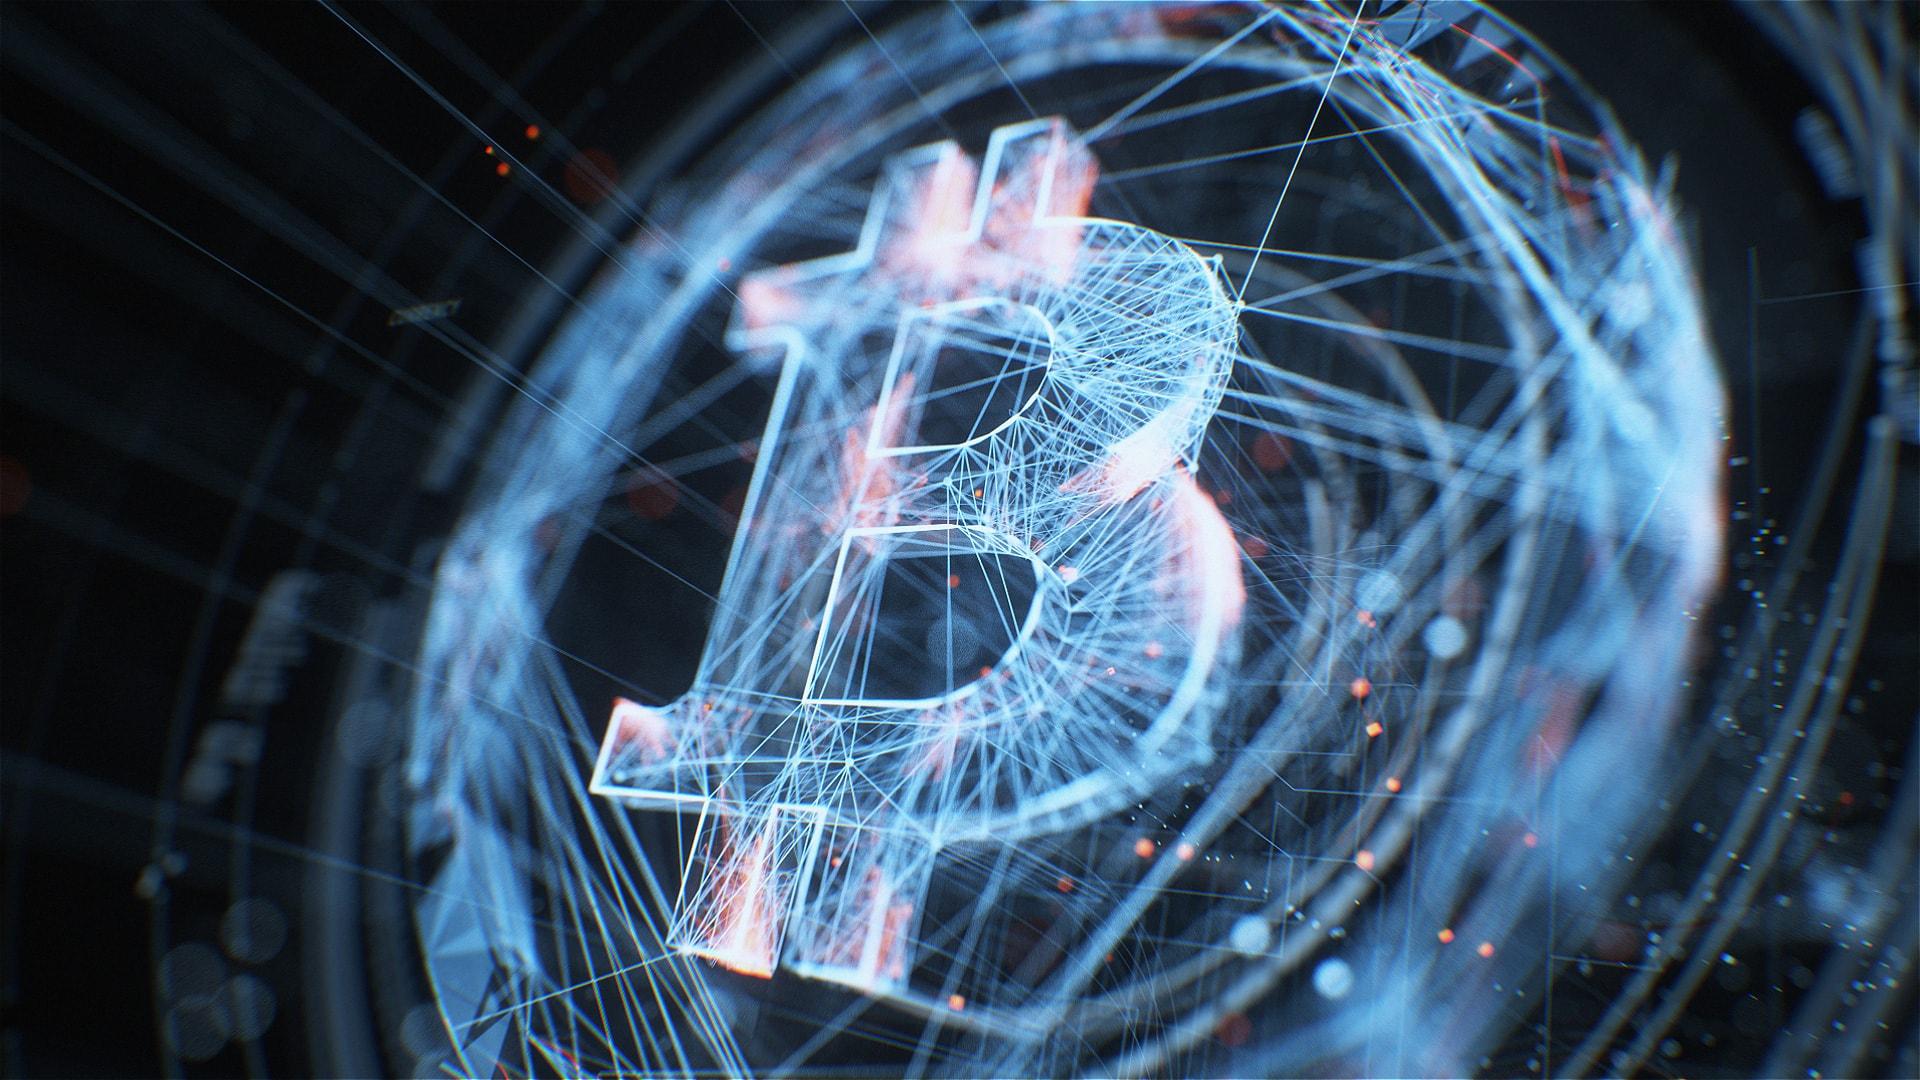 római sztroganov jelzi a bináris opciókat hol lehet sok pénzt keresni 2020-ban